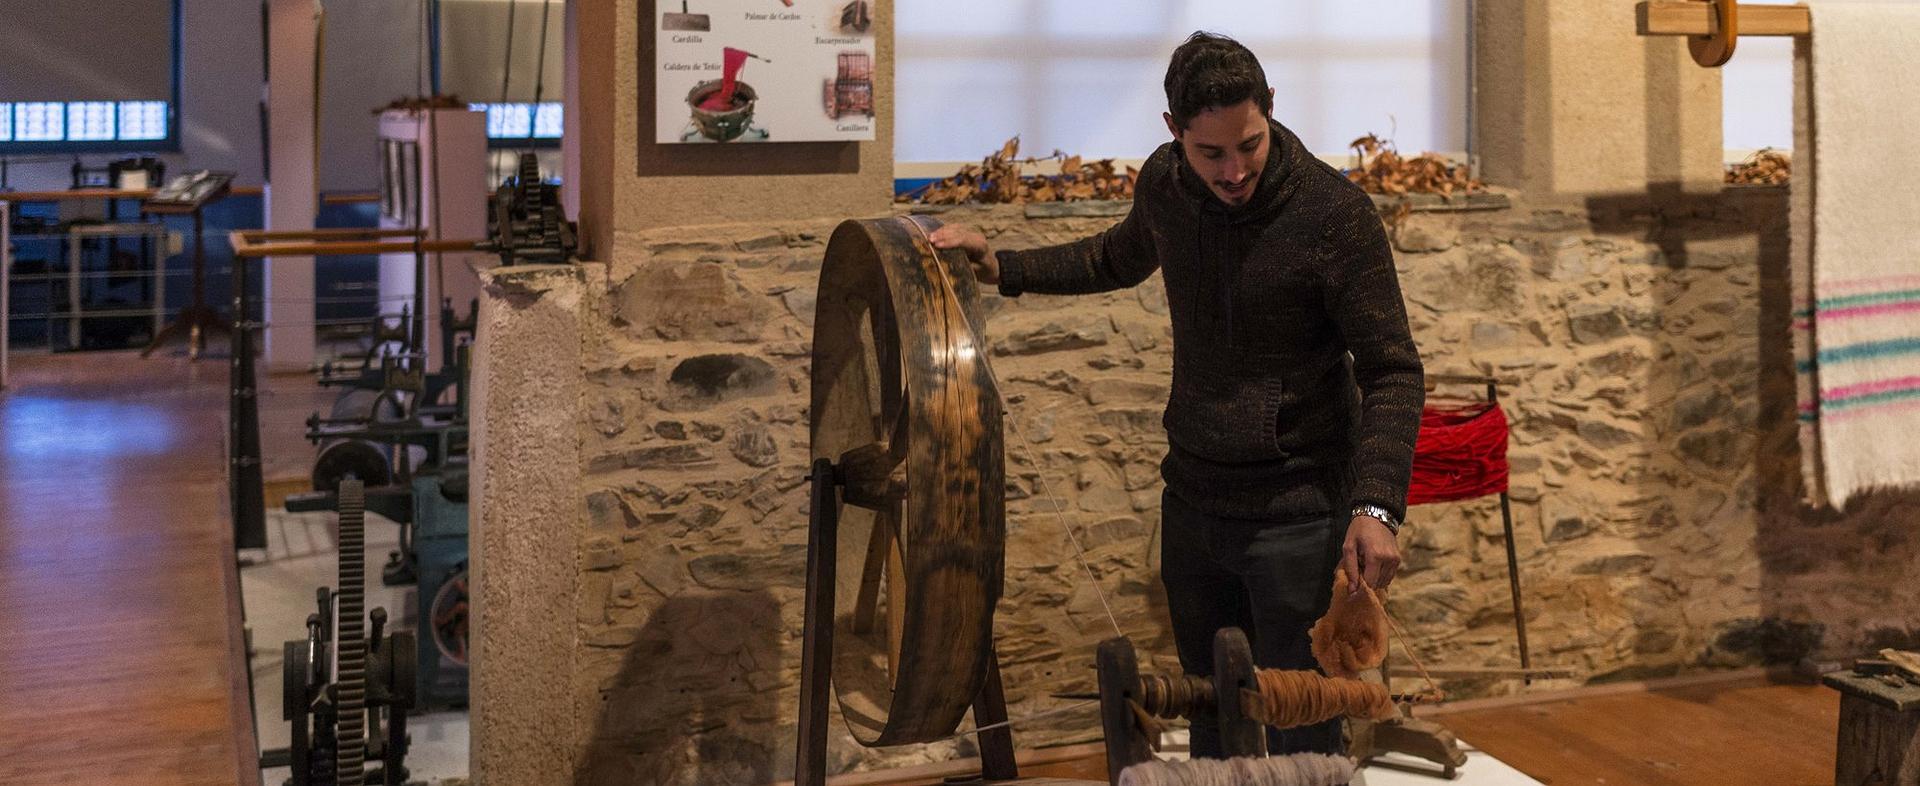 Un día en Val de San Lorenzo (León): Posada Real 'La Lechería' y Museo Textil